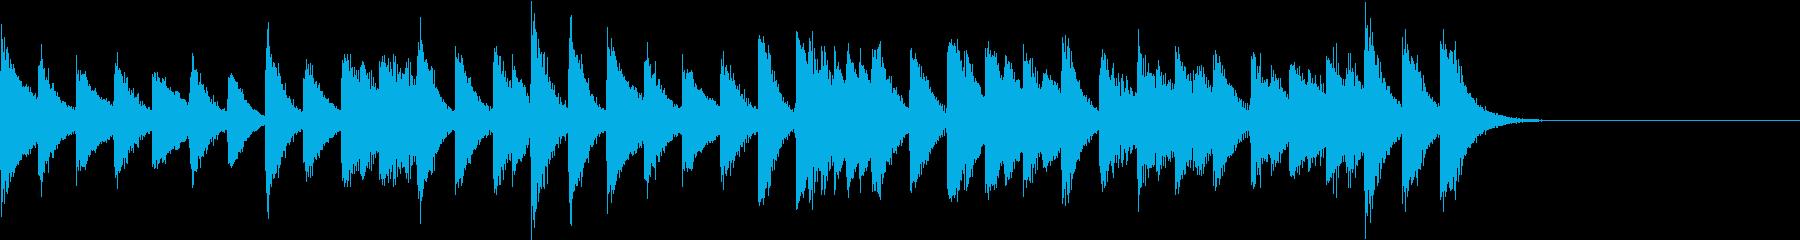 軽やかで可愛らしい中国風ピアノジングルの再生済みの波形